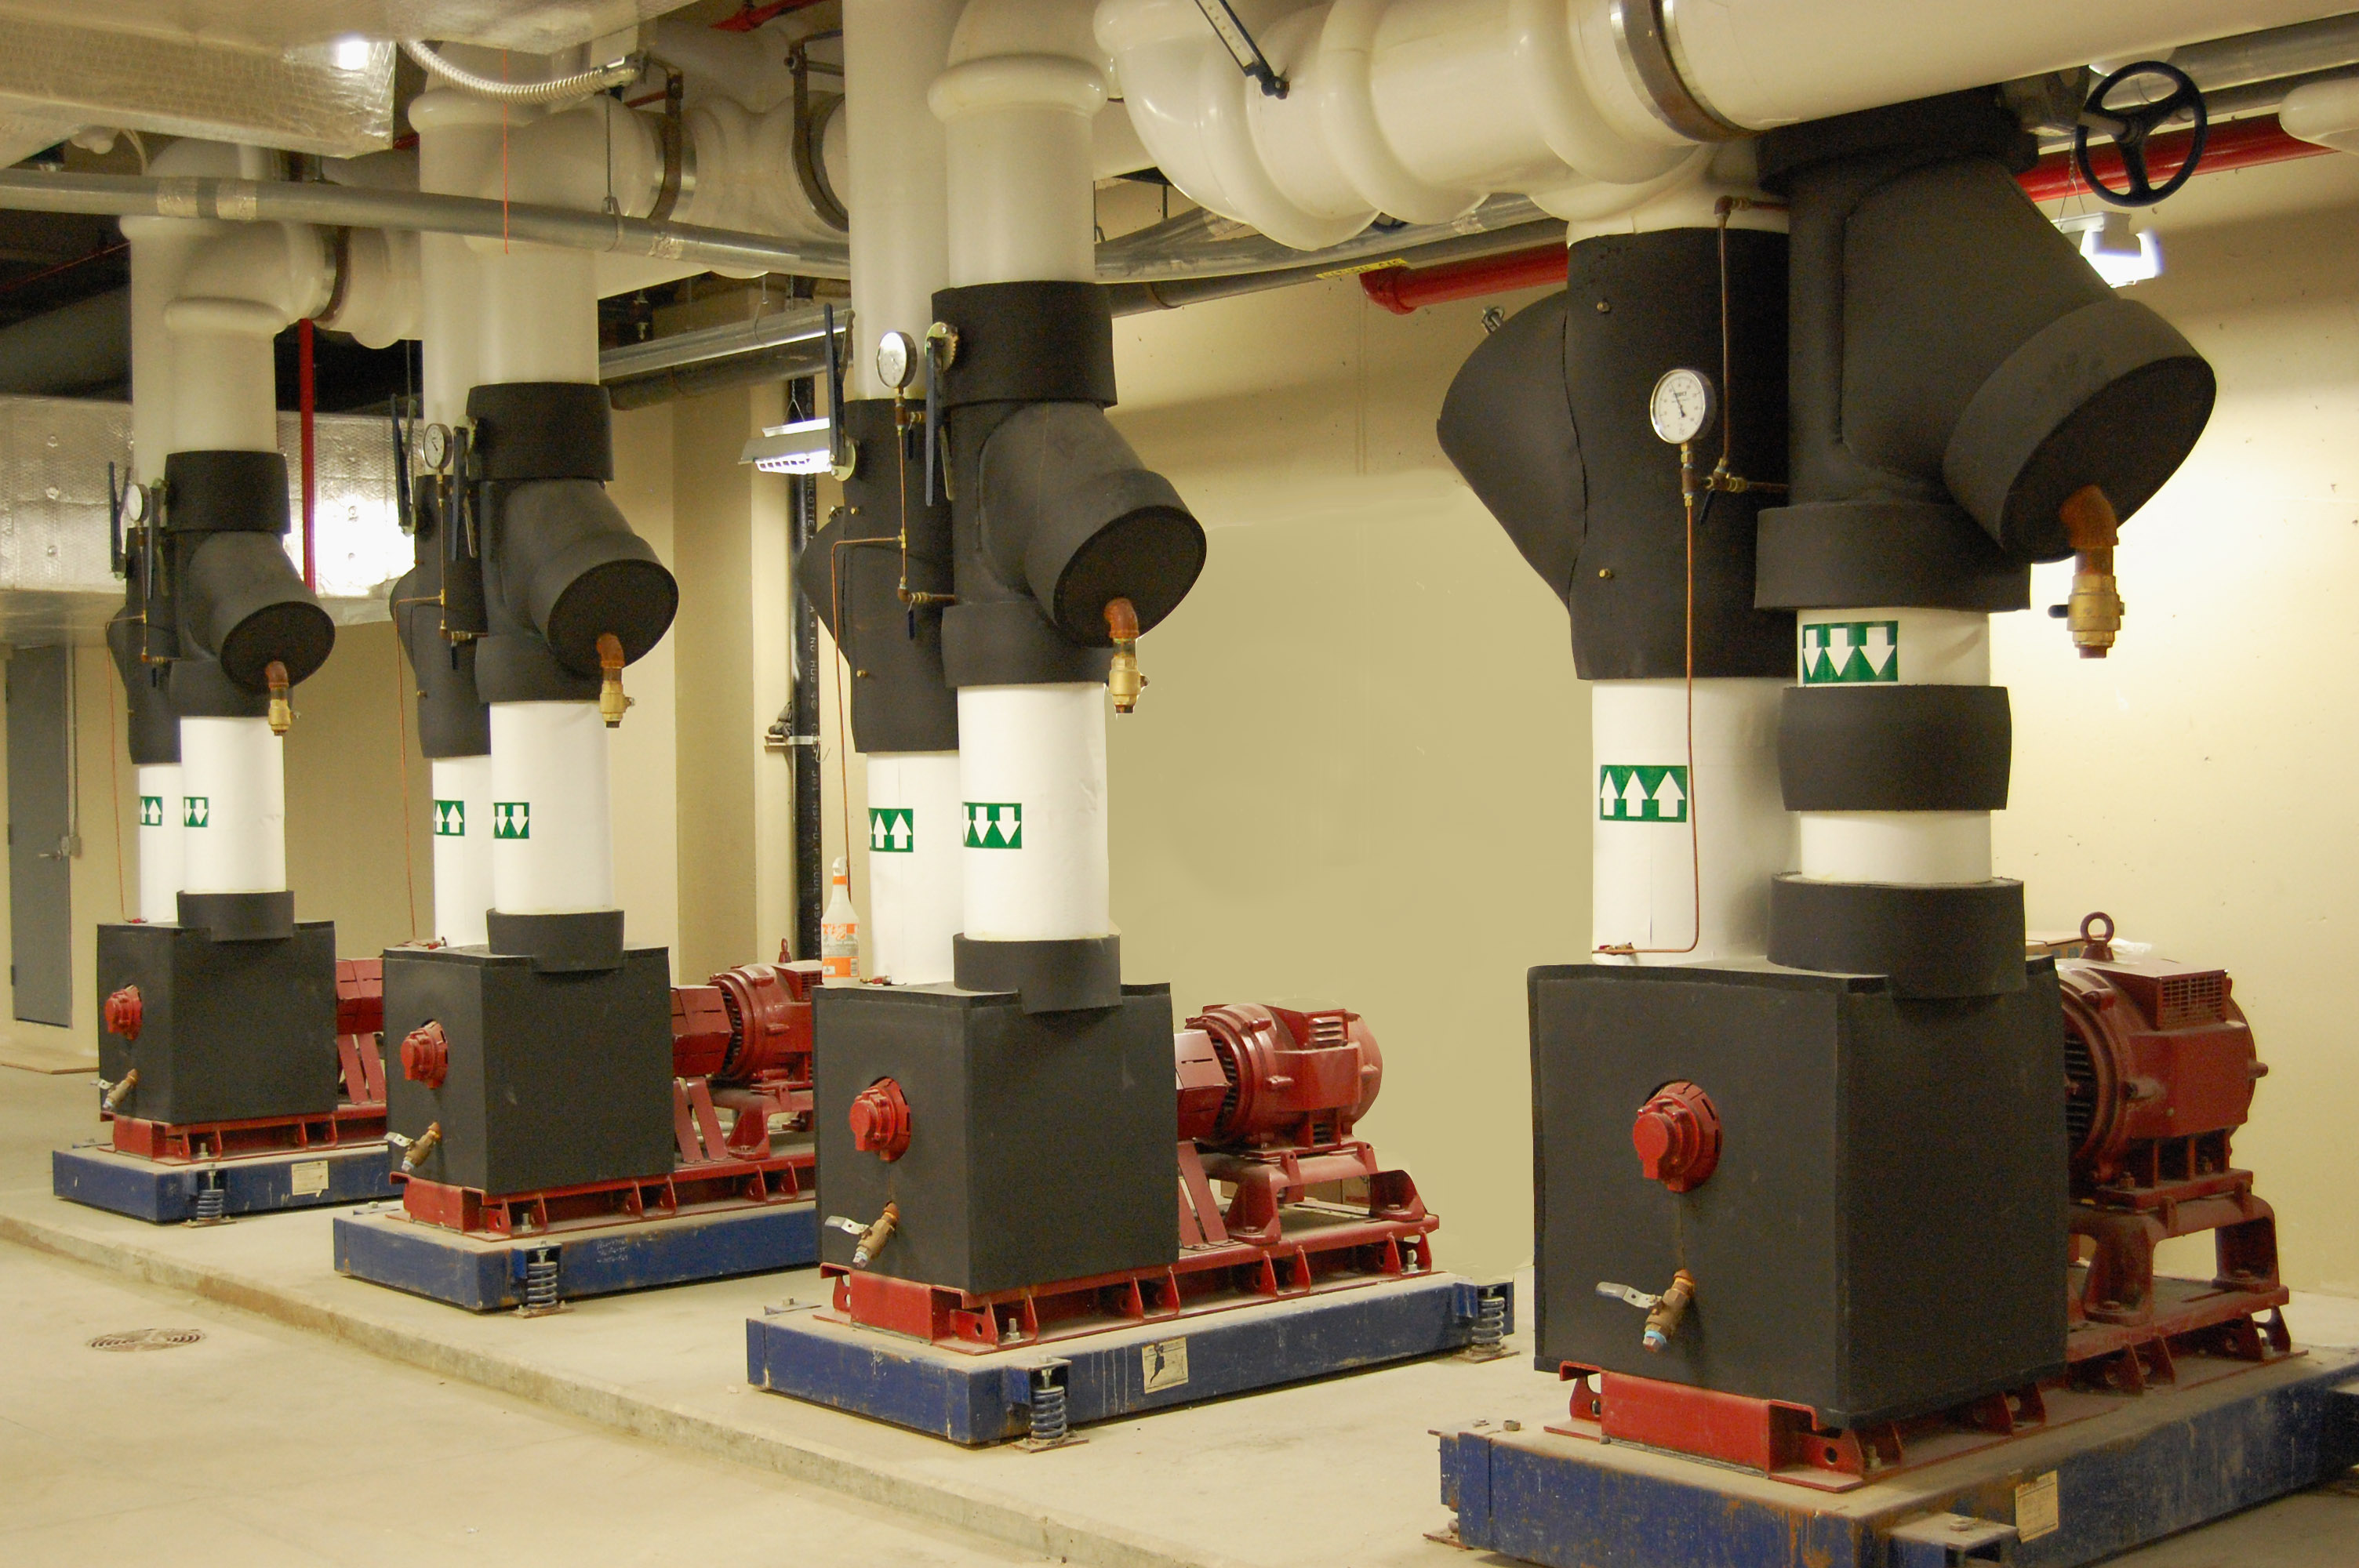 St Joseph Mercy Oakland South Patient Tower Pumps